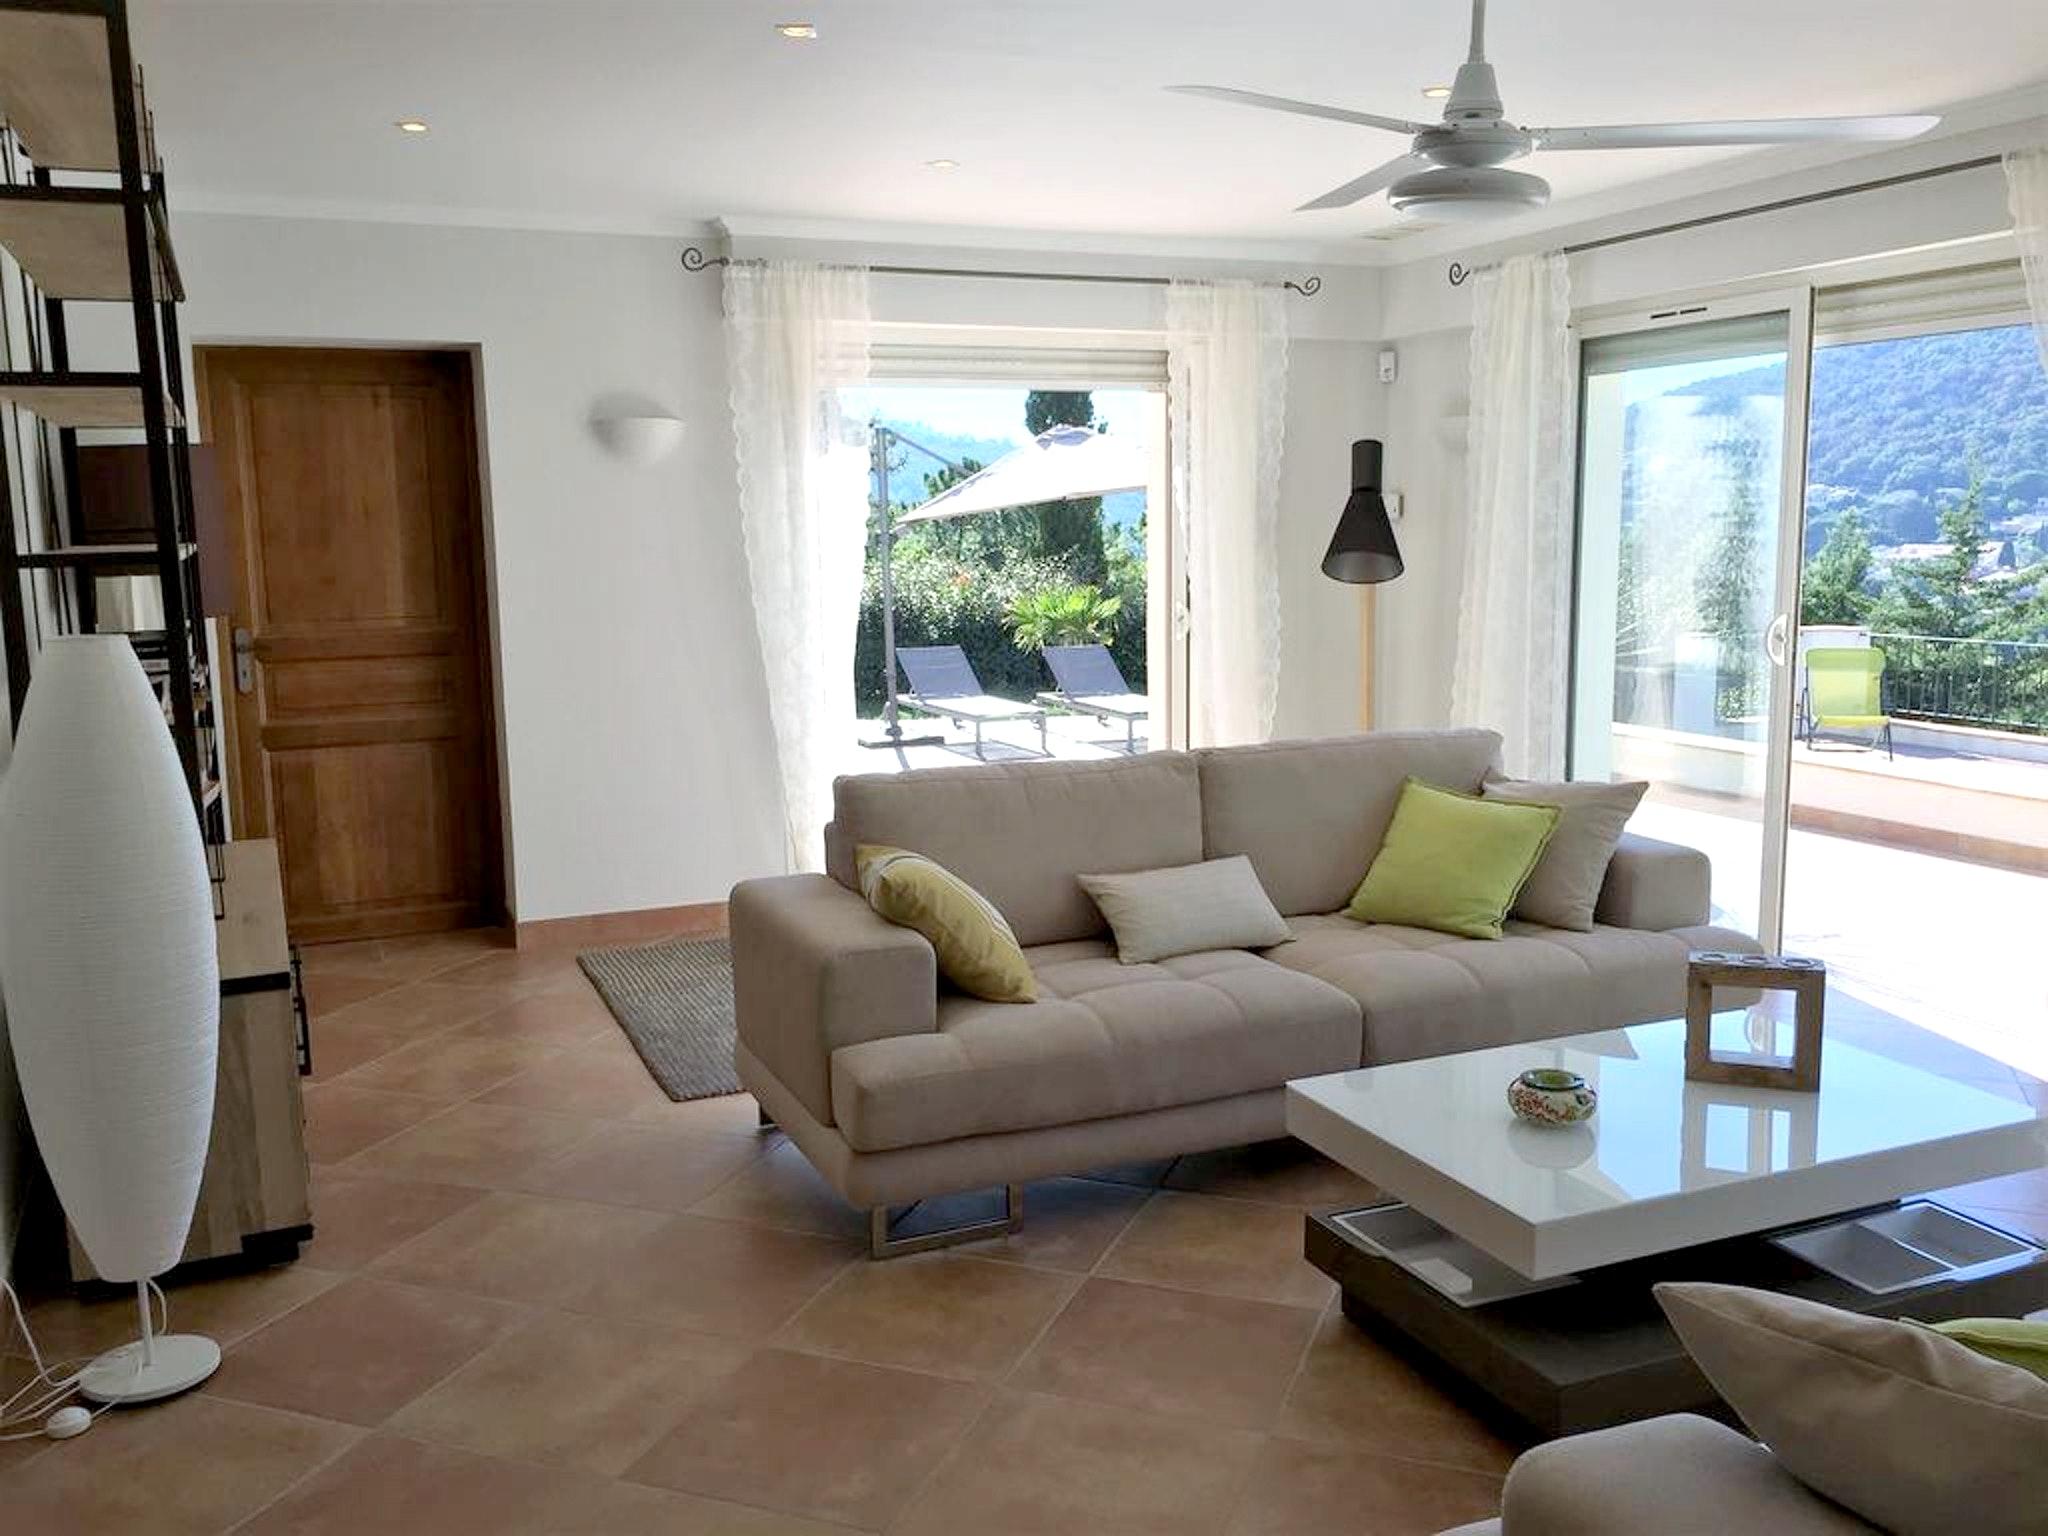 Maison de vacances Villa mit 5 Schlafzimmern in Rayol-Canadel-sur-Mer mit toller Aussicht auf die Berge, priv (2201555), Le Lavandou, Côte d'Azur, Provence - Alpes - Côte d'Azur, France, image 5